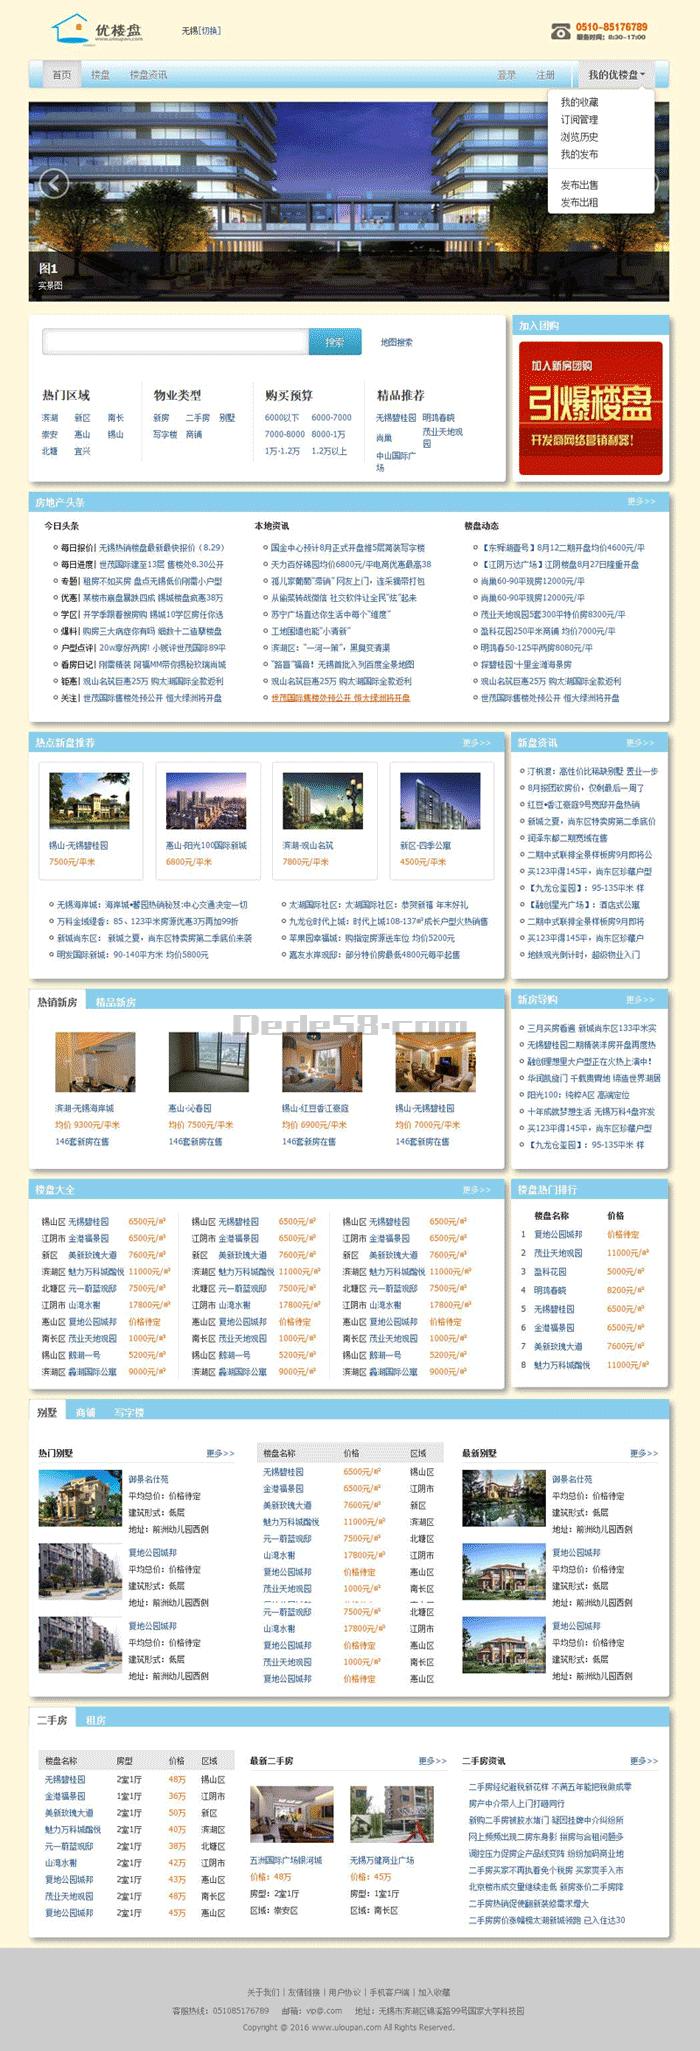 楼盘二手房交易网站平台模板html整站源码